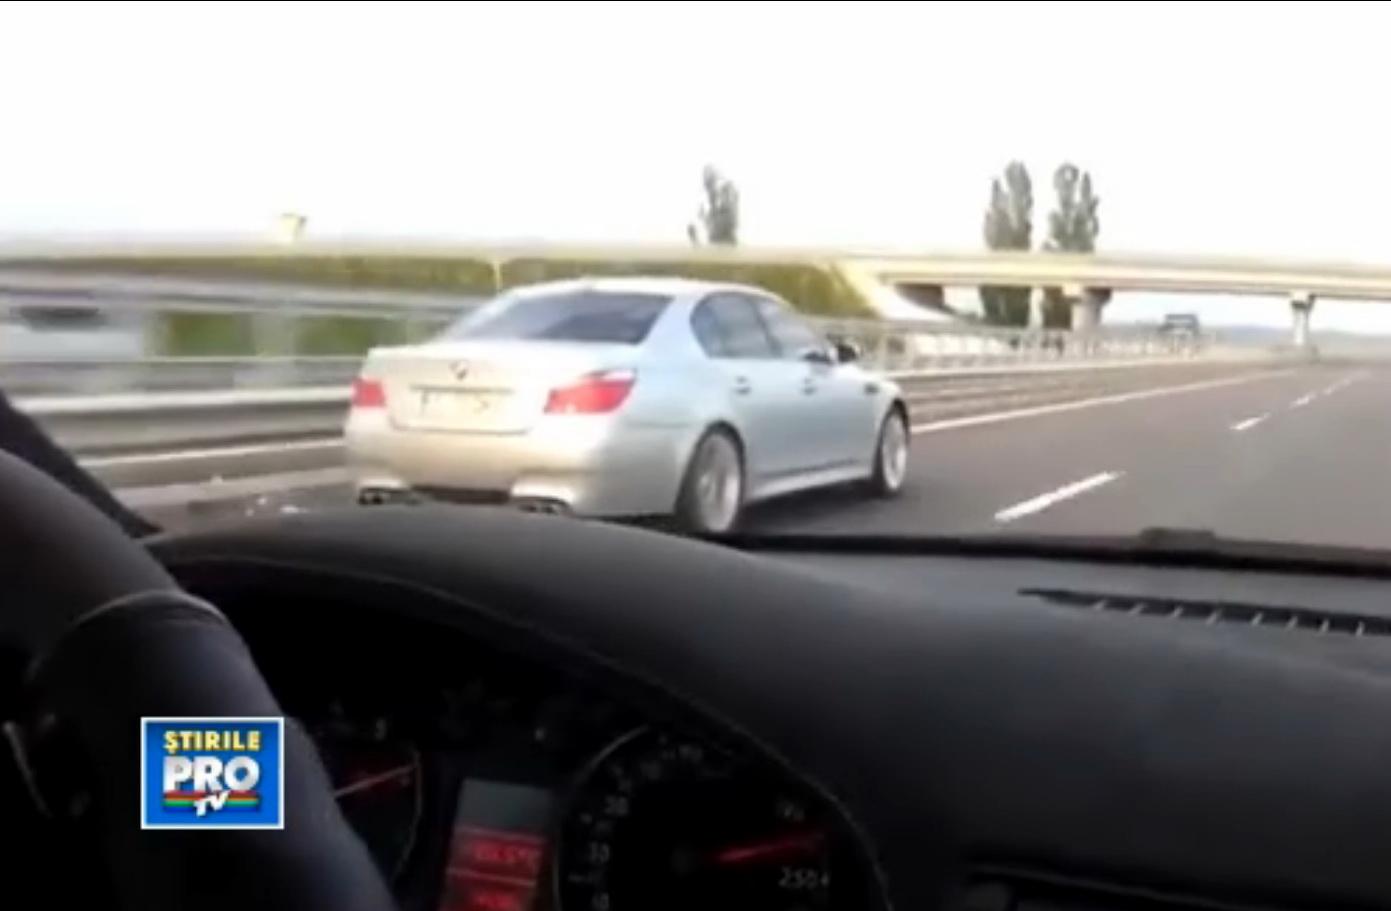 Record de viteza pe autostrada Bechtel. Intrecere cu peste 300 km/h. Politia a gasit un sofer. VIDEO